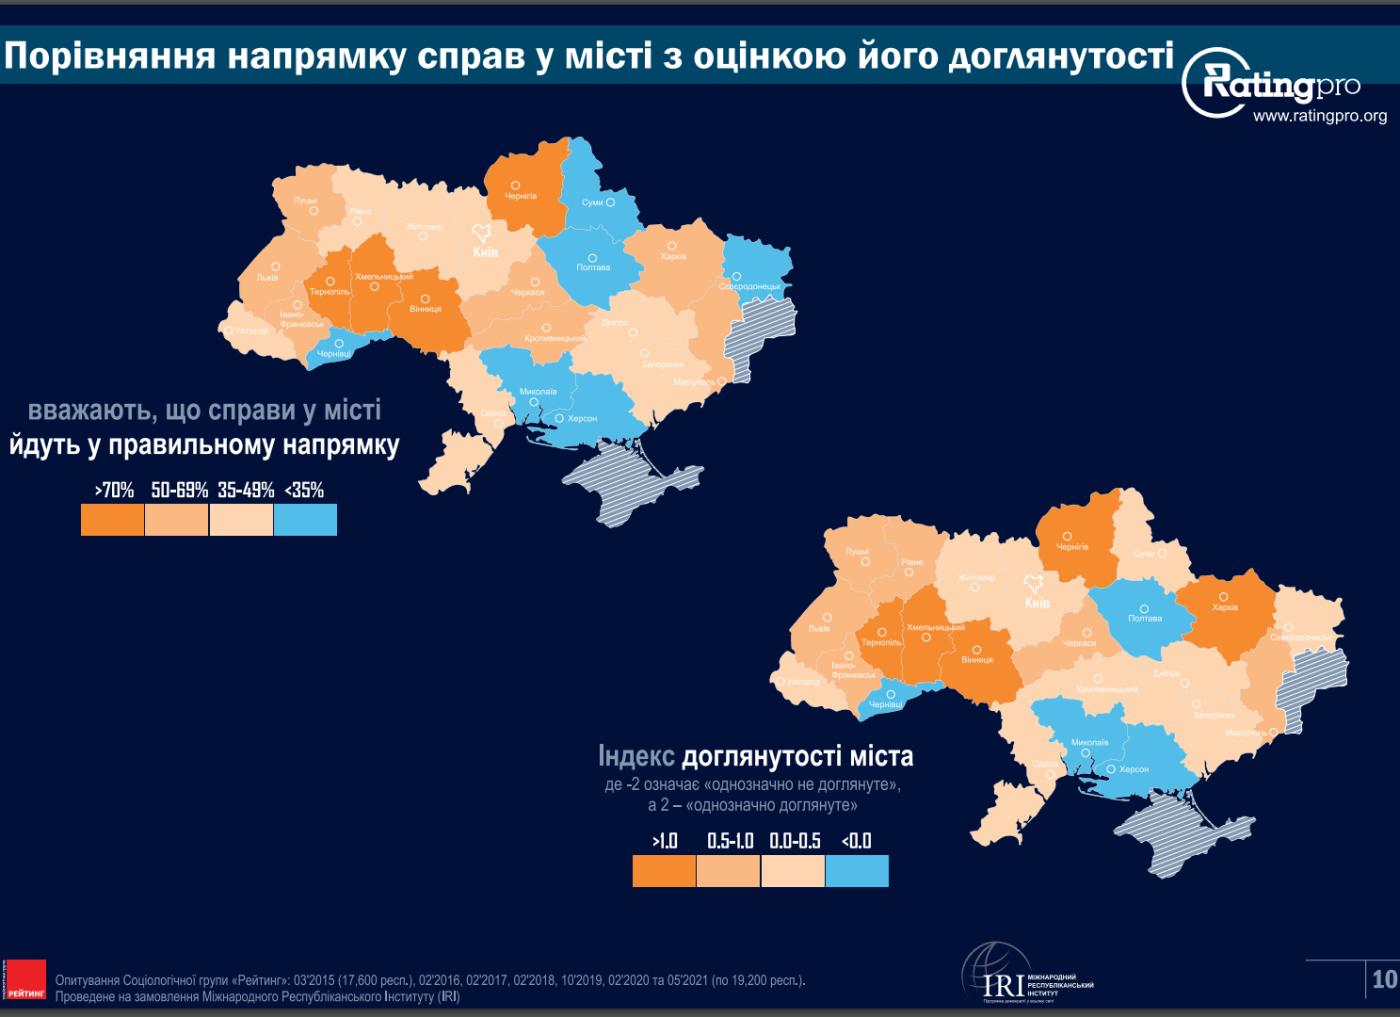 Шестой город в Украине по уровню коммунального комфорта. За что голосовали мариупольцы, - ИНФОГРАФИКА, фото-2